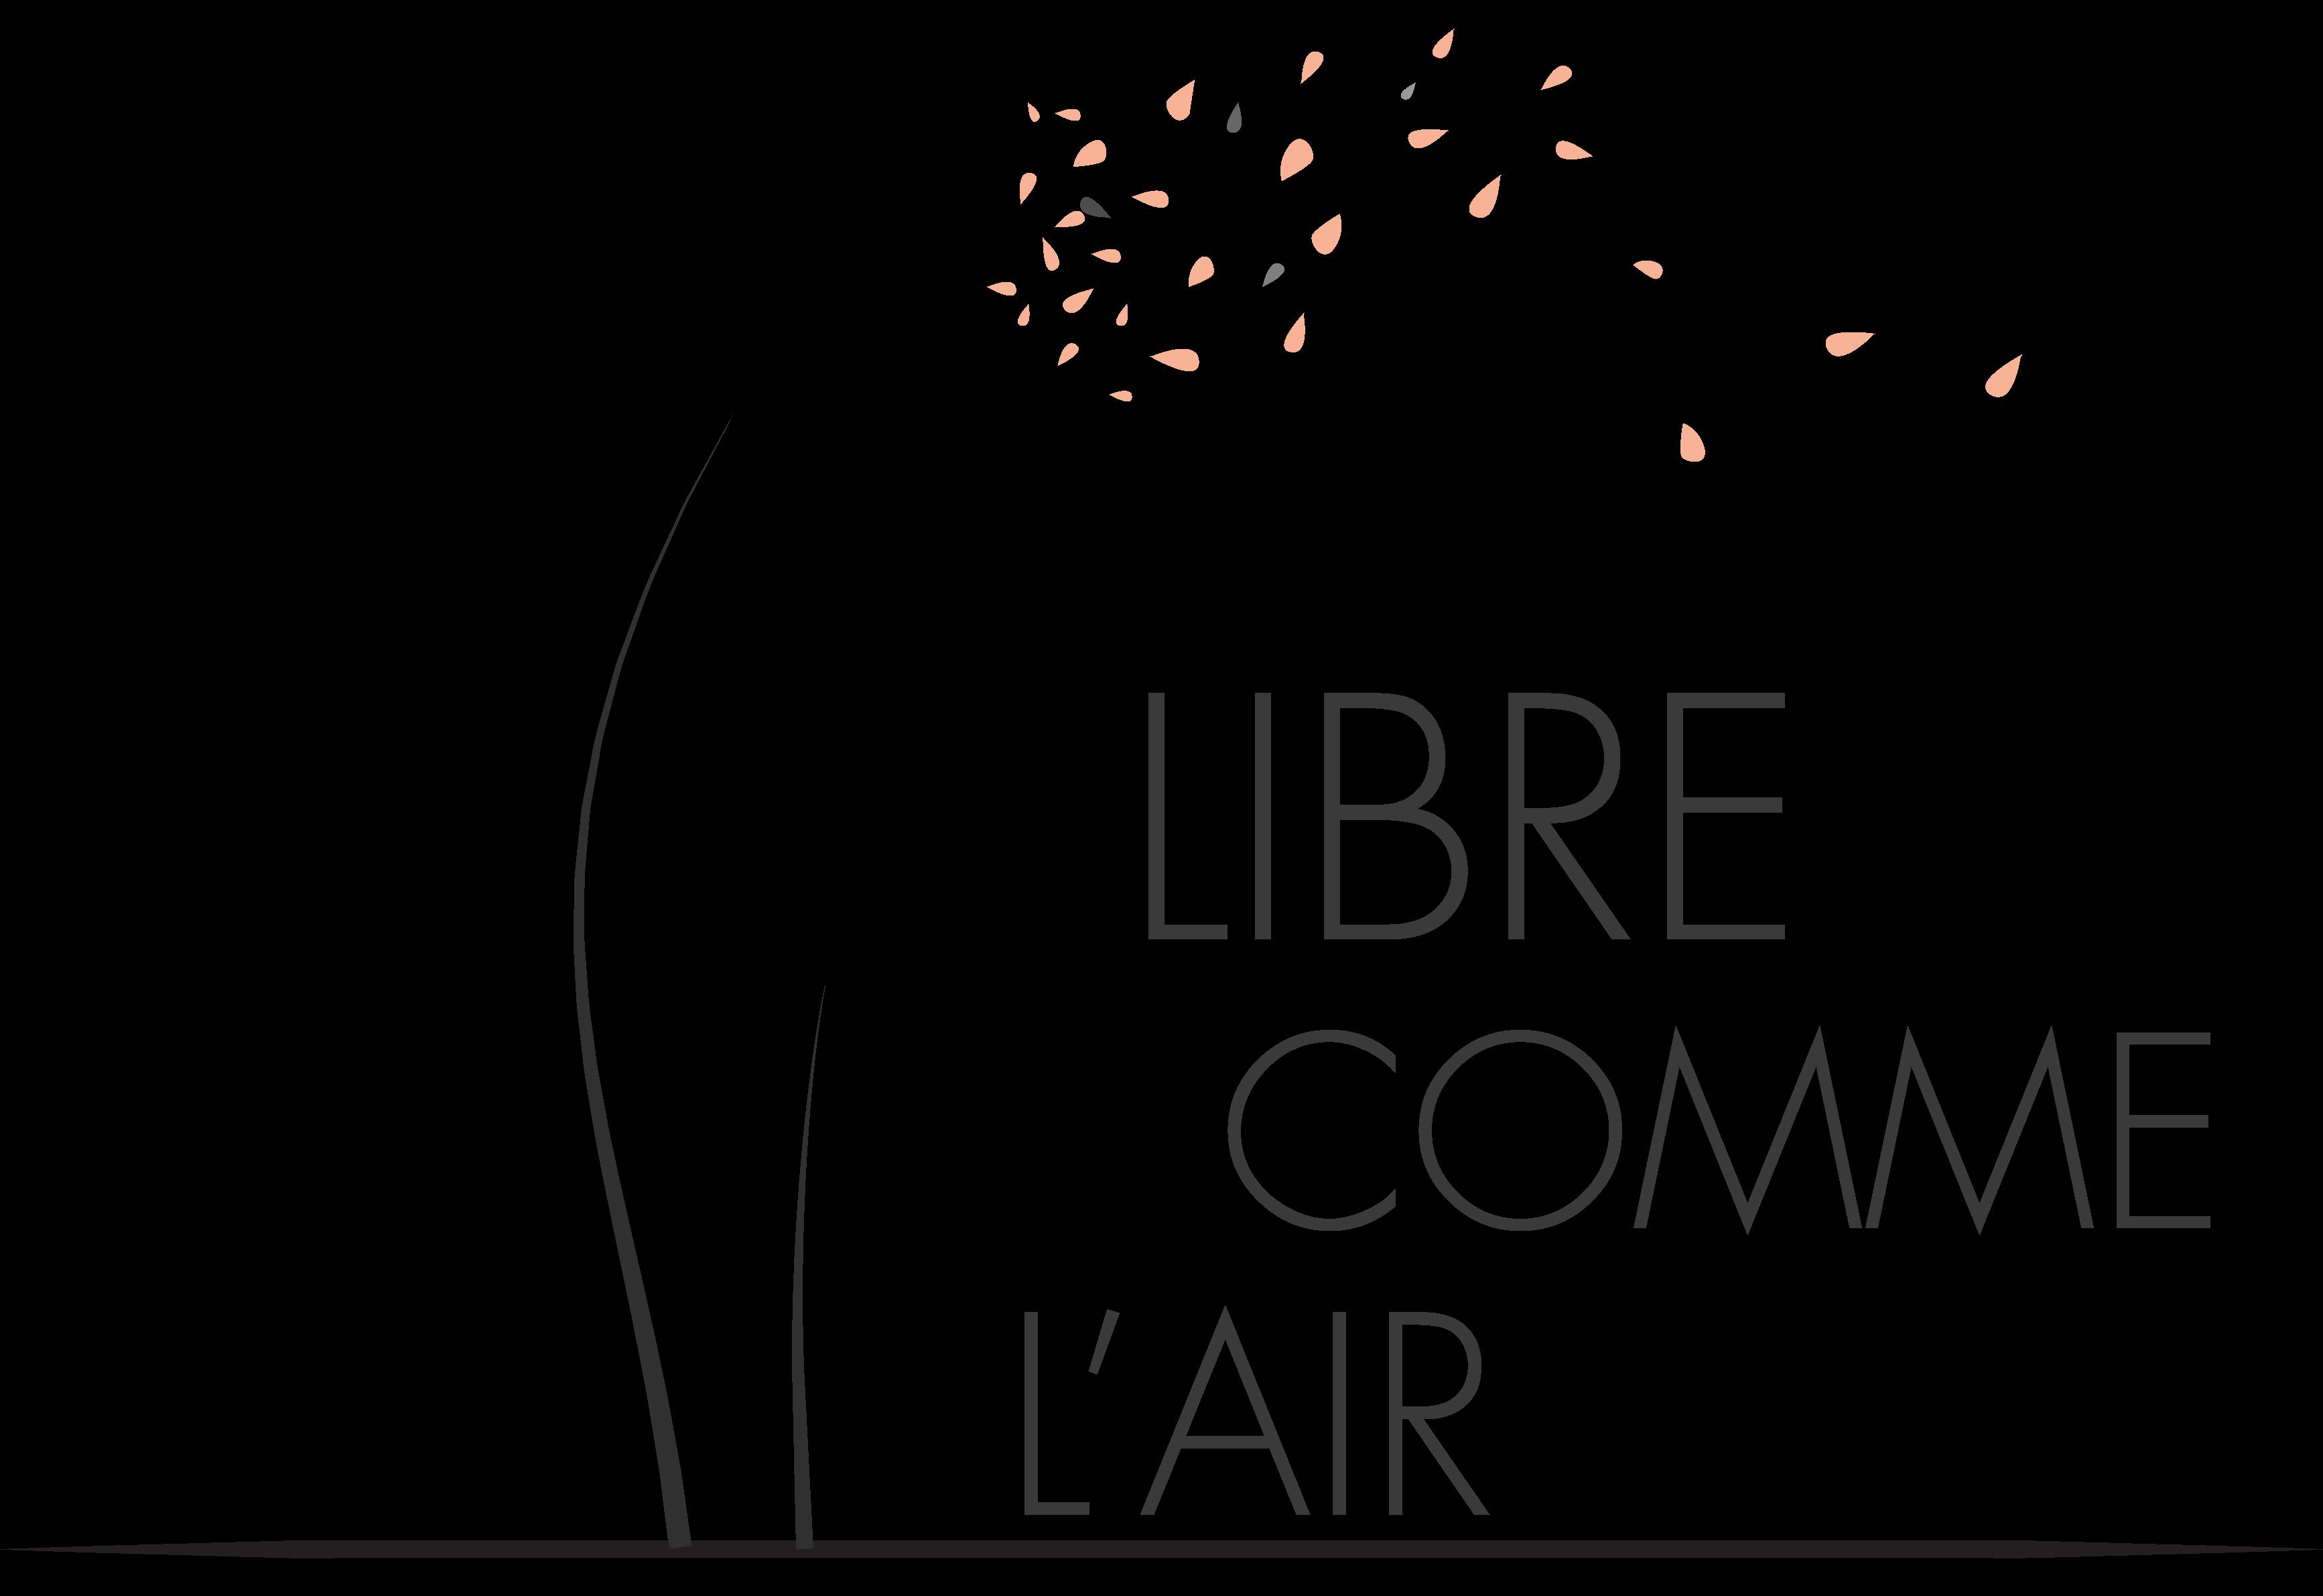 Libre comme l'air logo